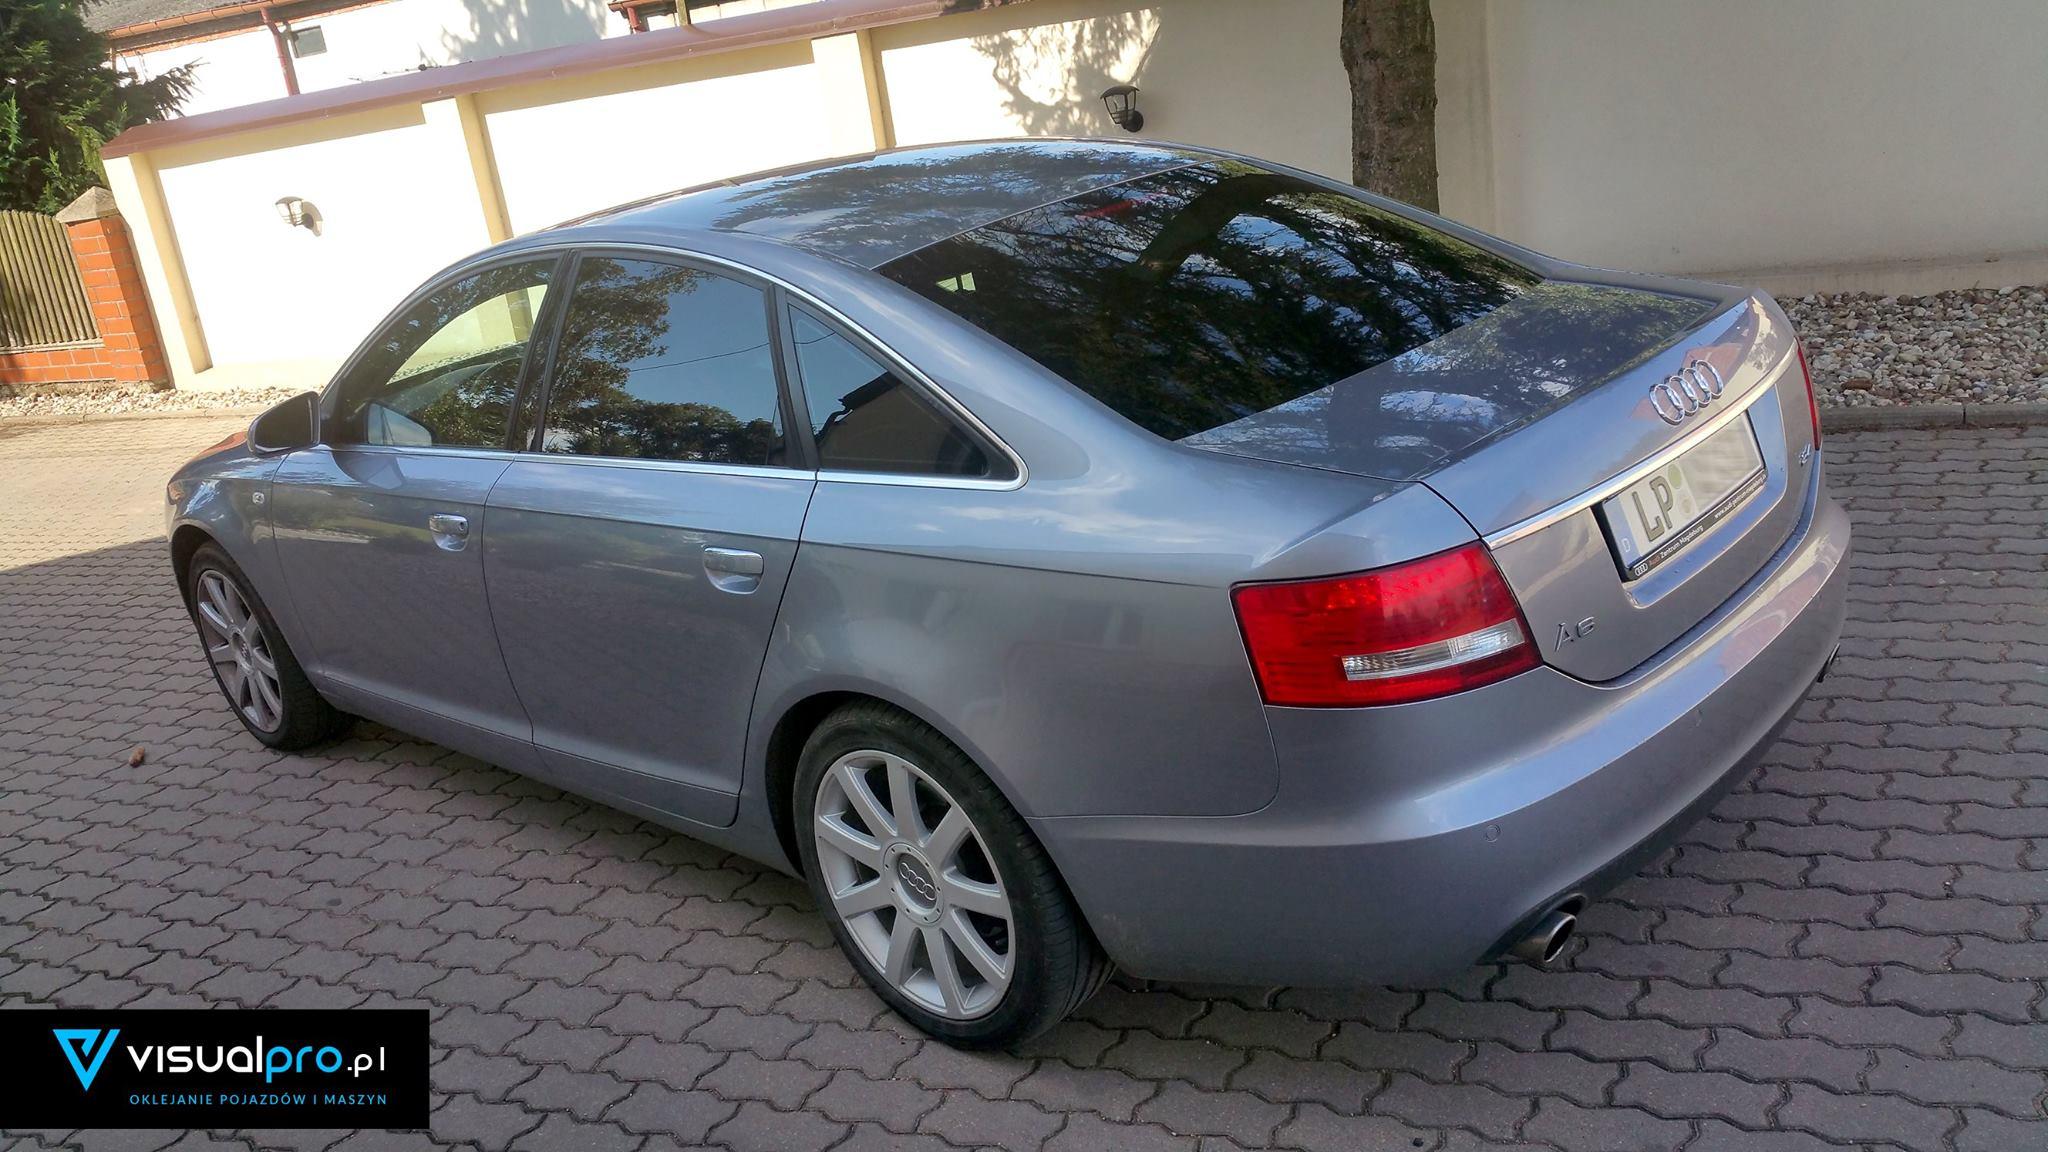 Przyciemnianie Szyb Audi A6